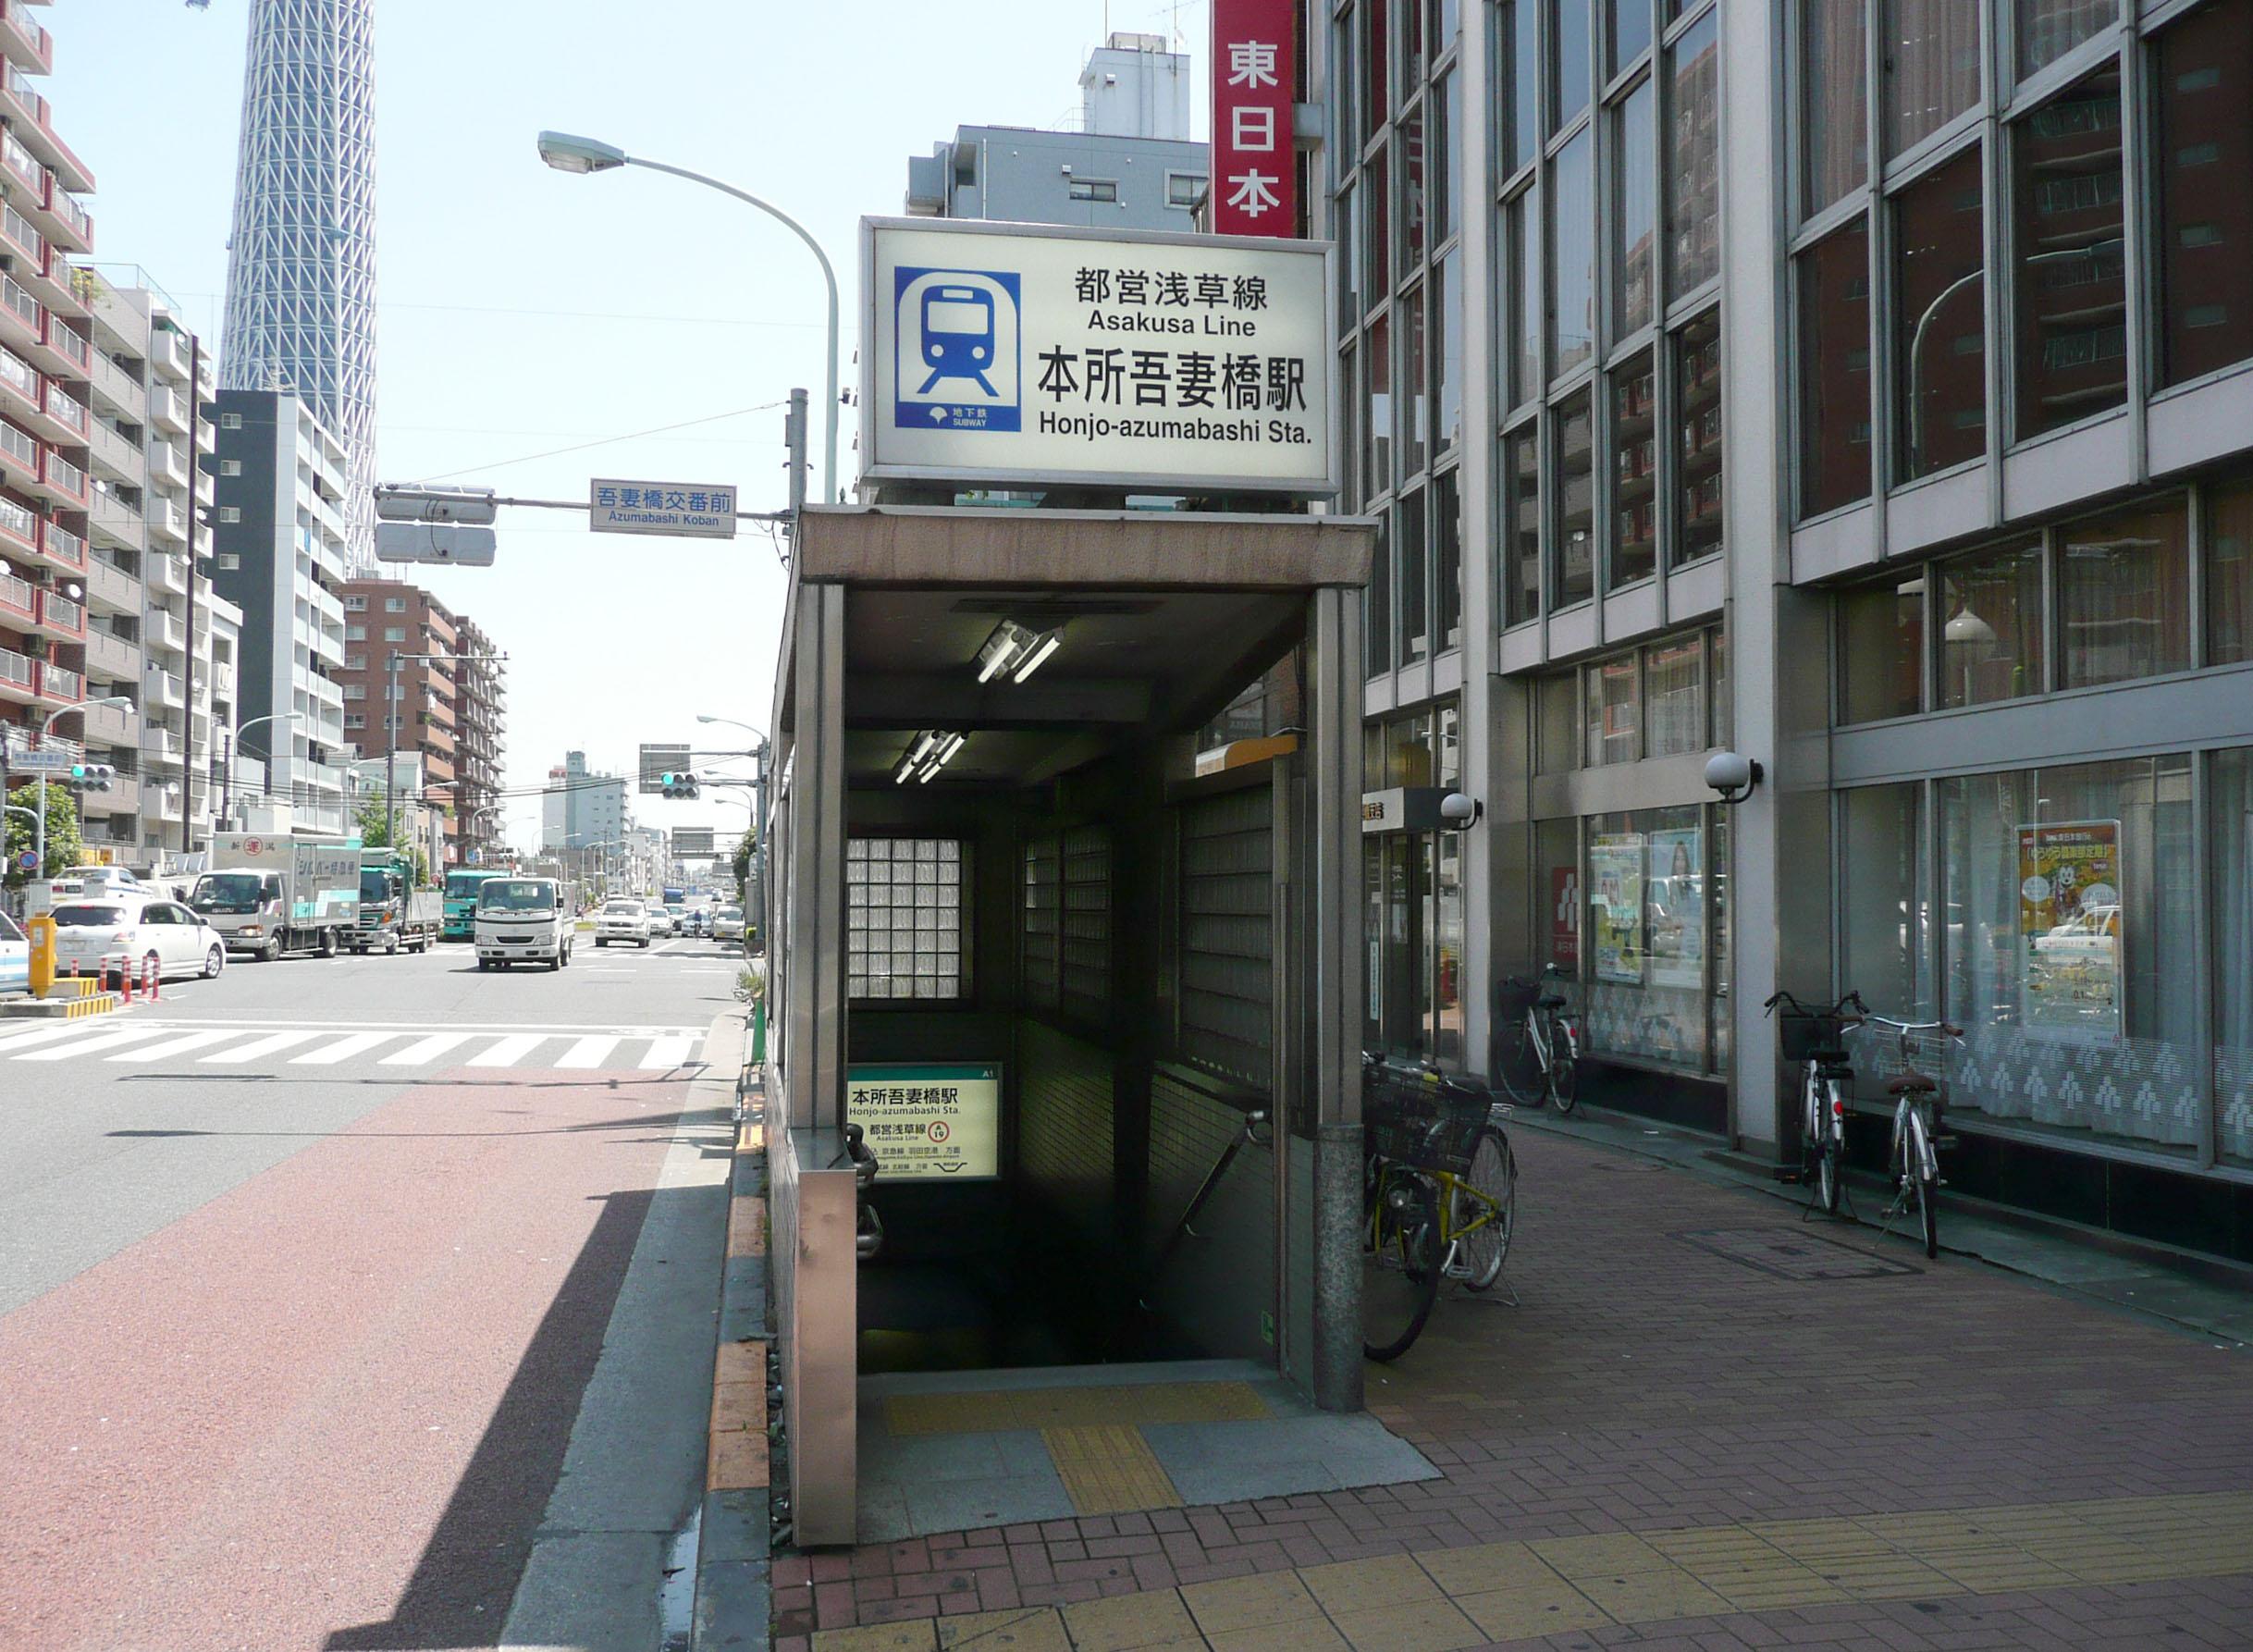 혼조아즈마바시 역